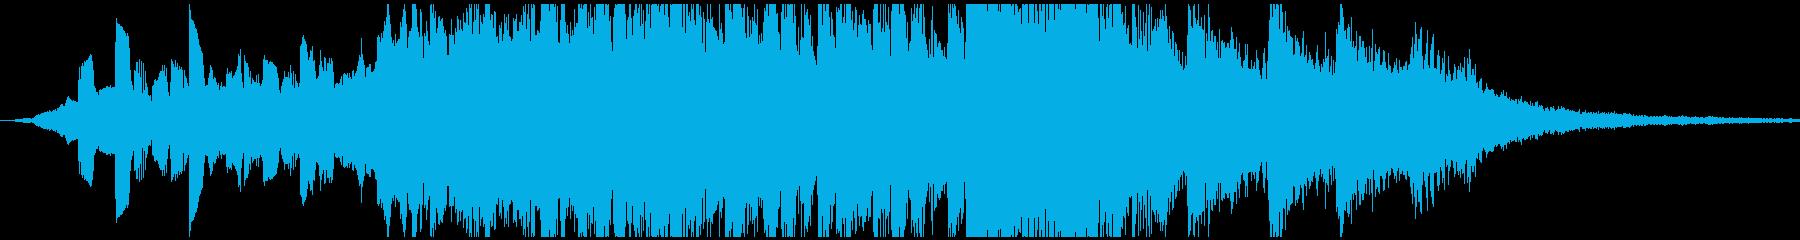 エレクトロ 交響曲 ドラマチック ...の再生済みの波形